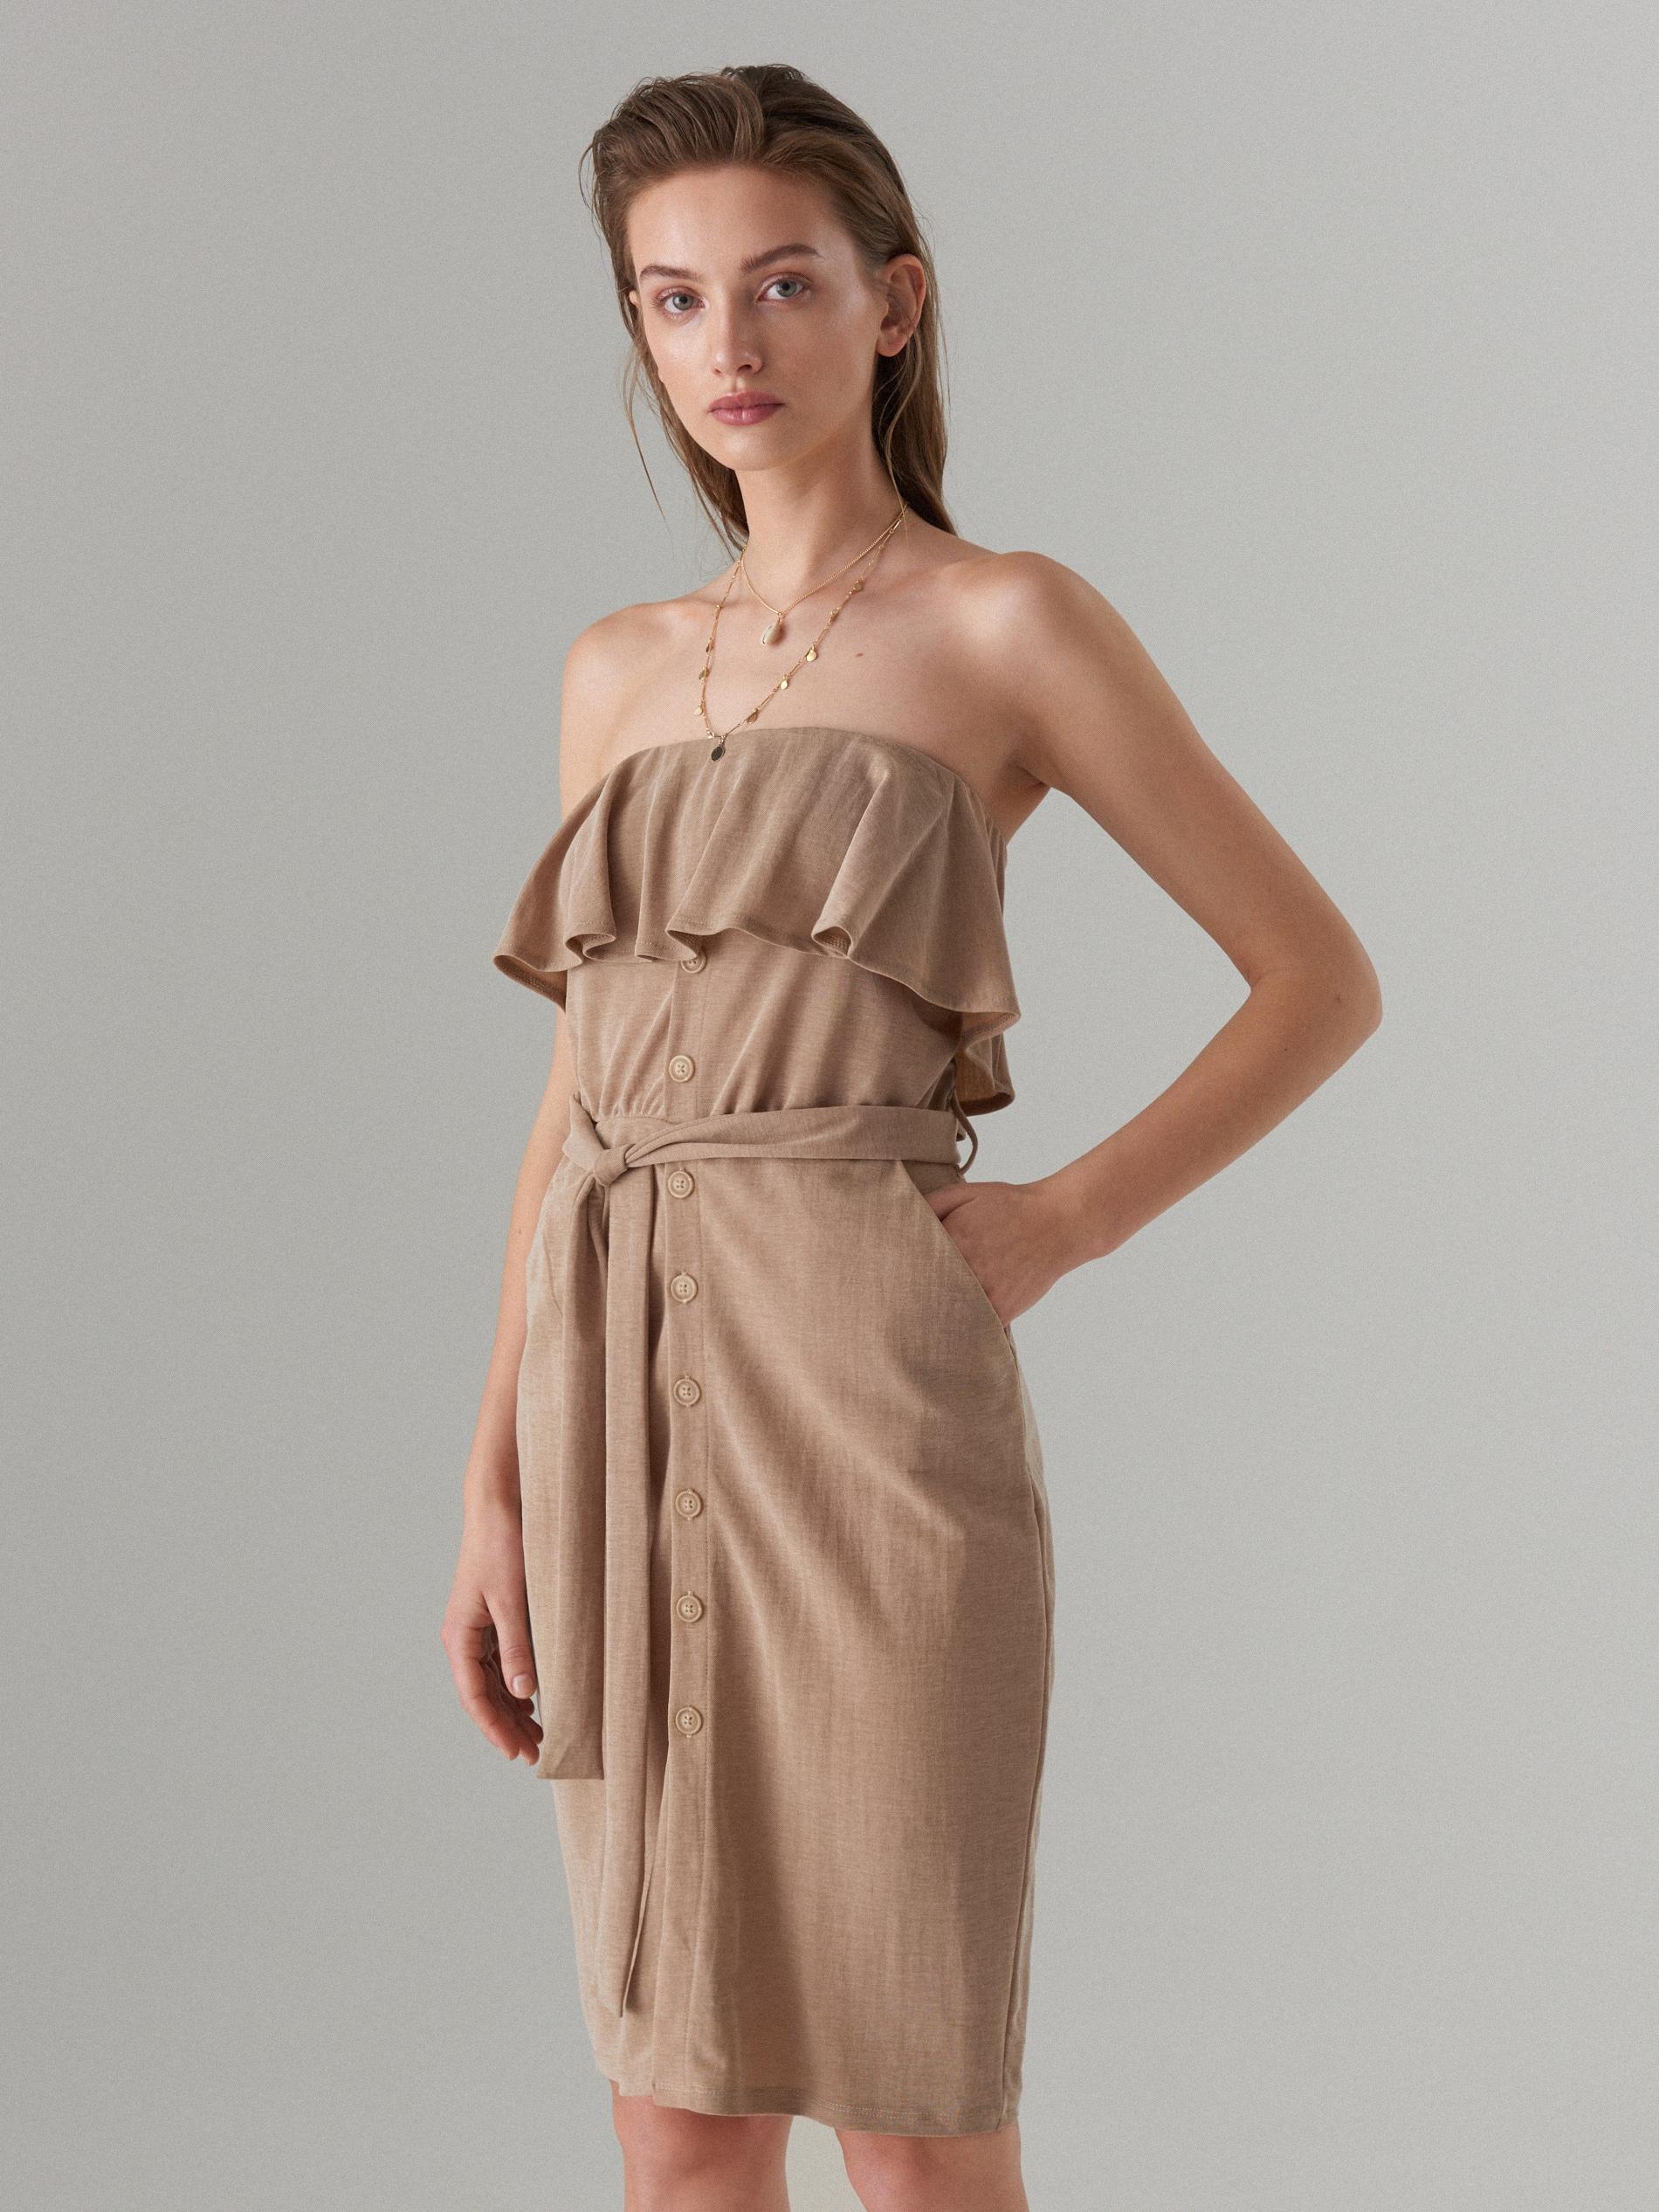 a154b00e2e2b Off shoulder dress with tie - purple - WH923-04X - Mohito - 3